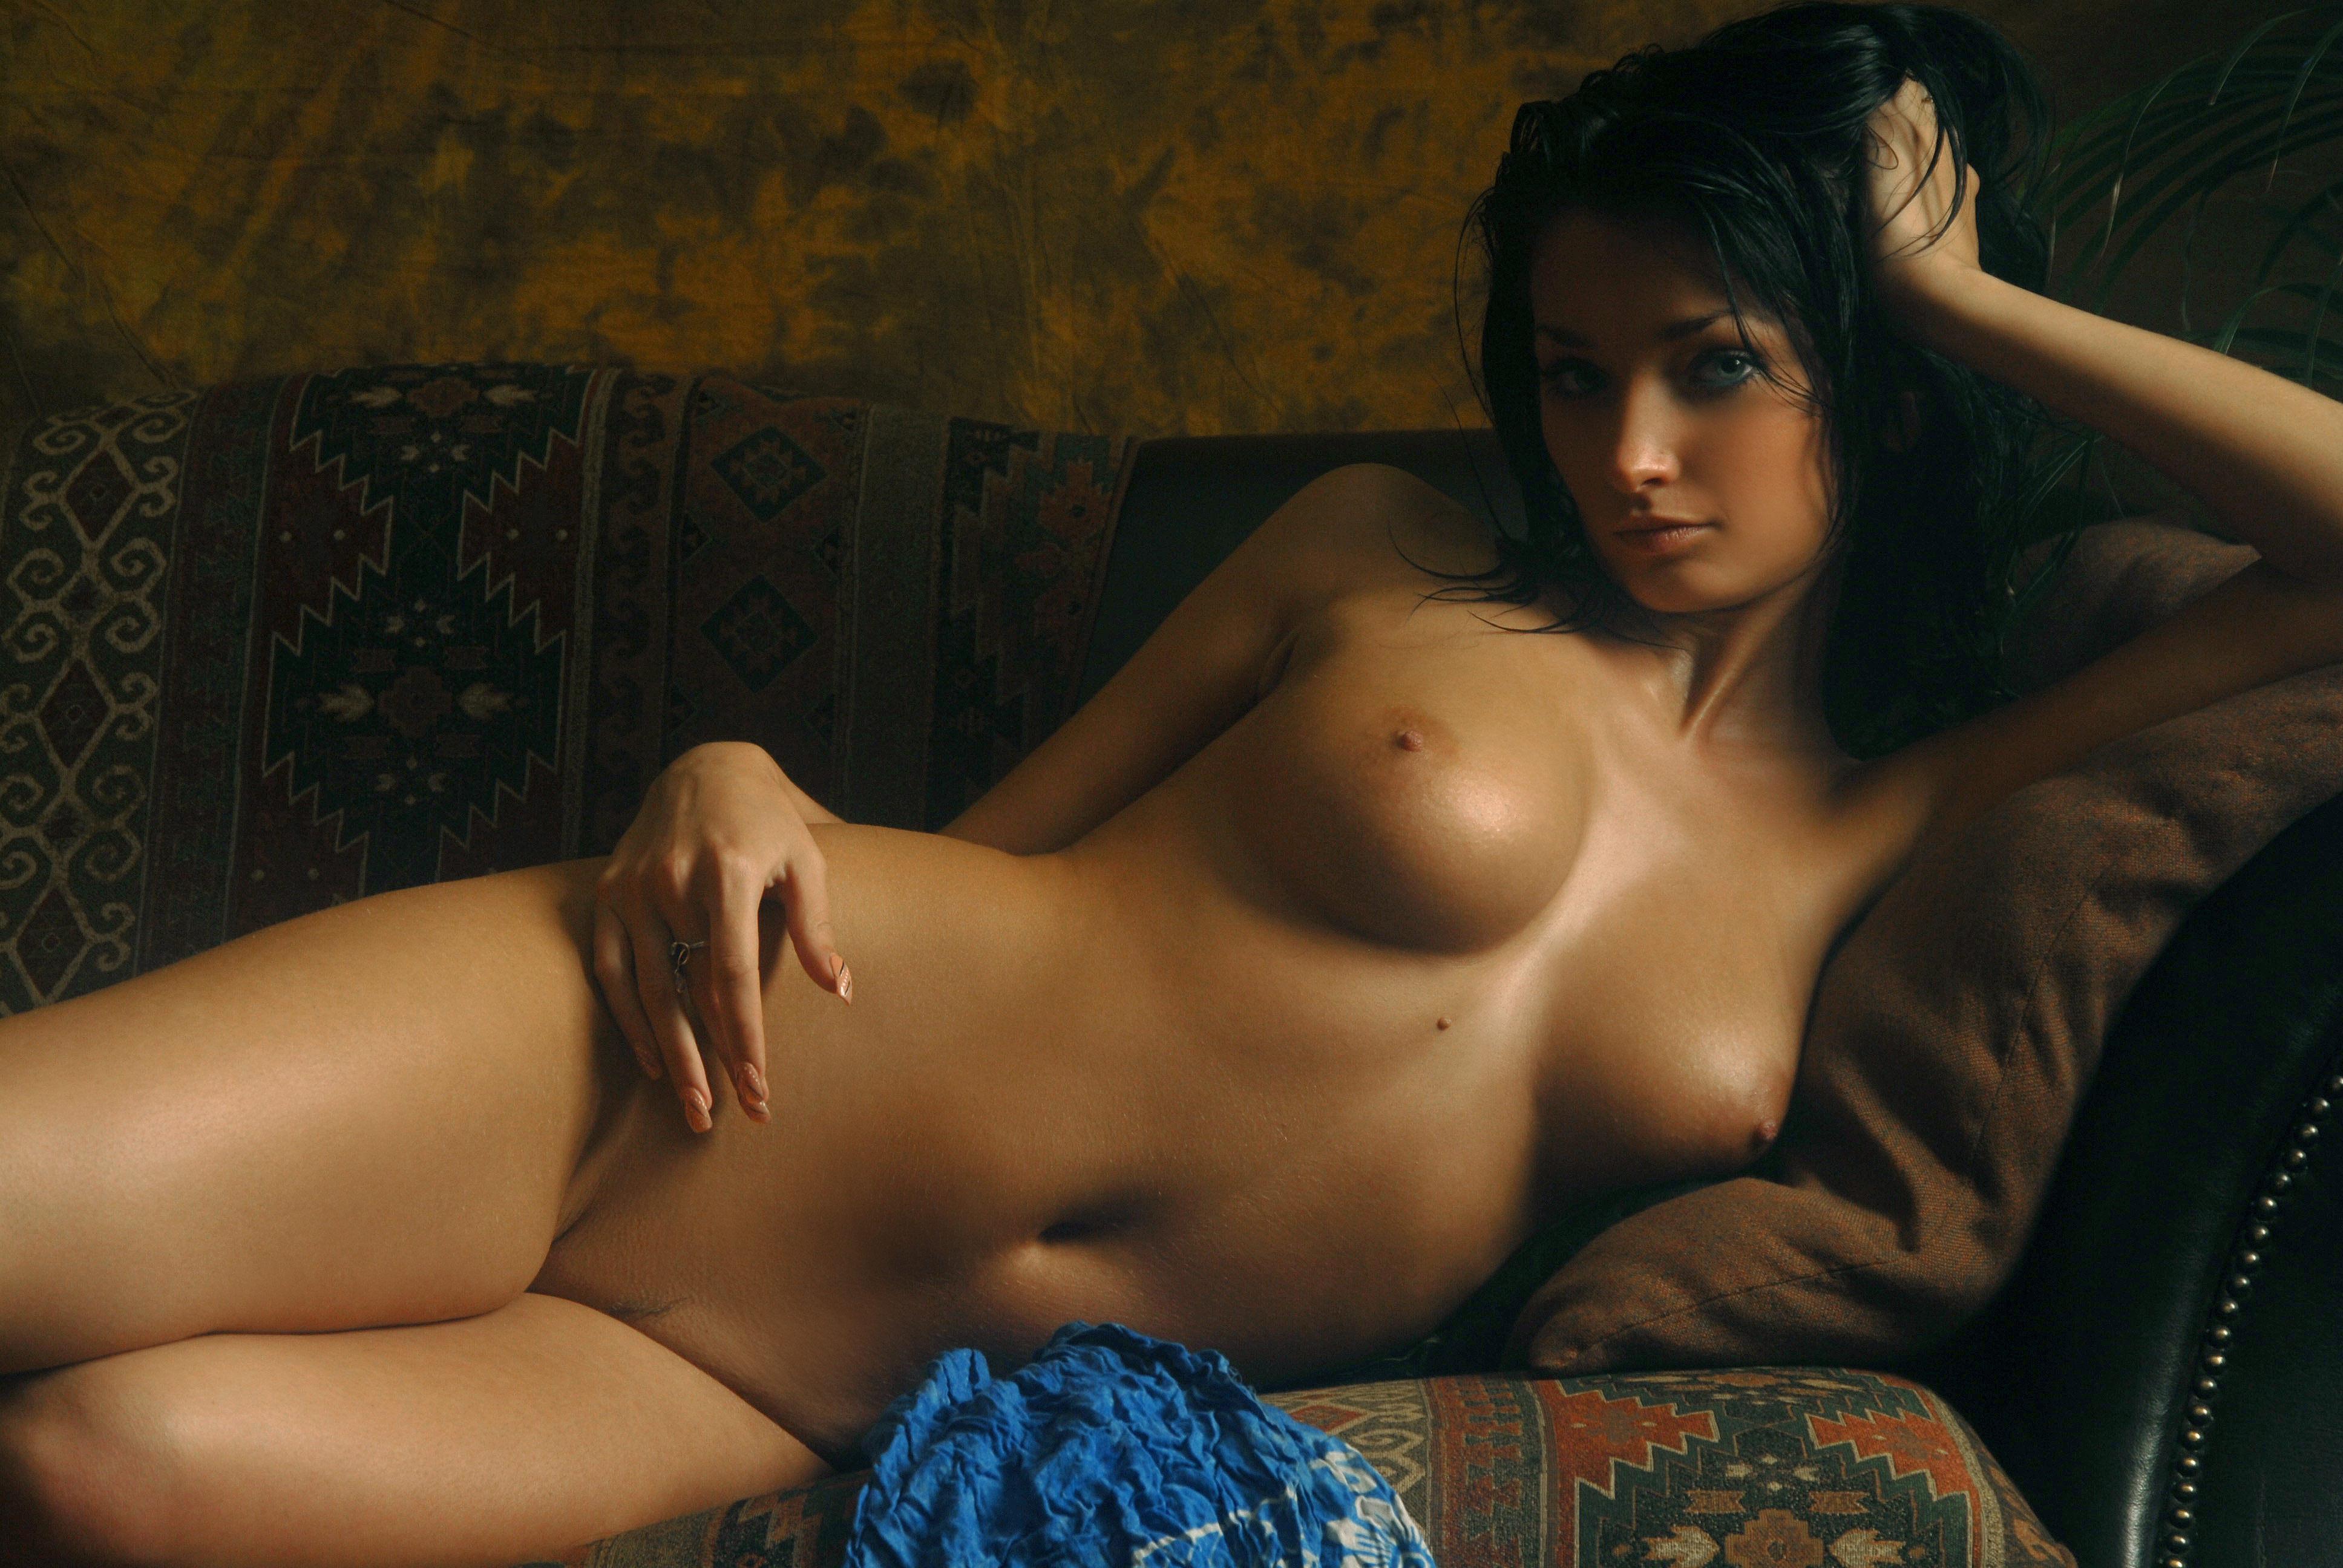 Фото очень красивая голая женщина 18 фотография